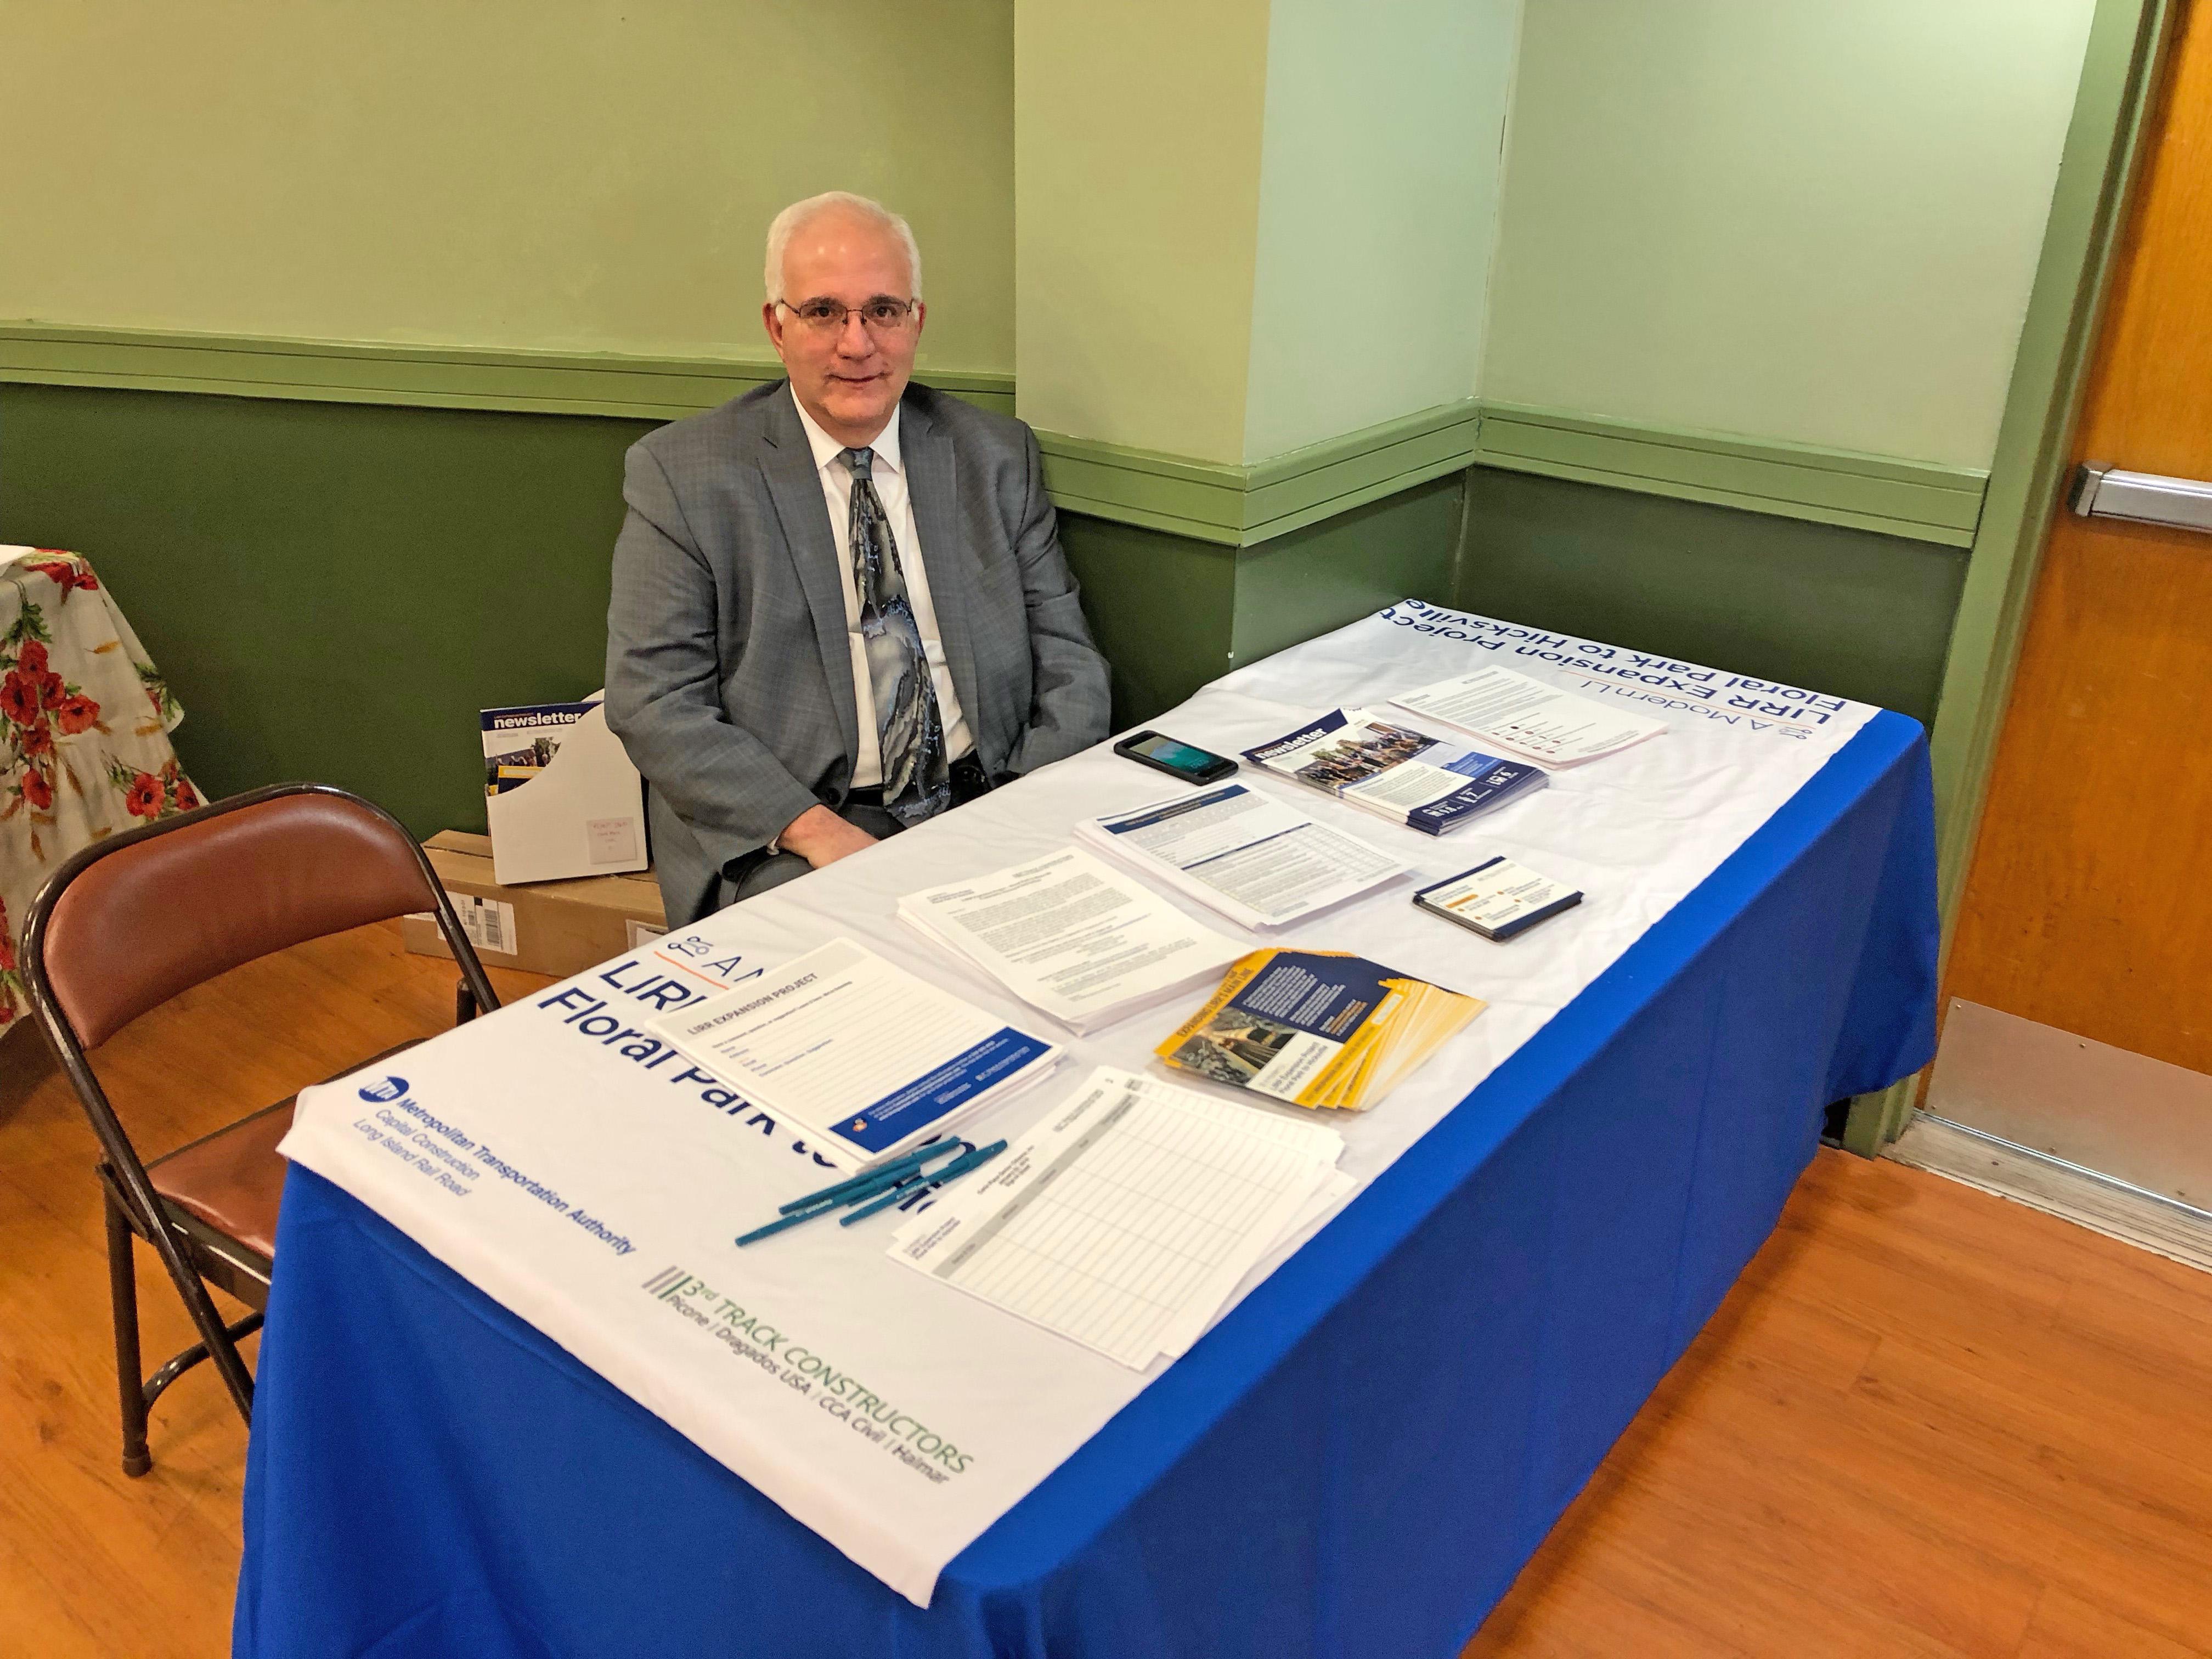 Carle Place Senior Citizens Inc 01-22-19